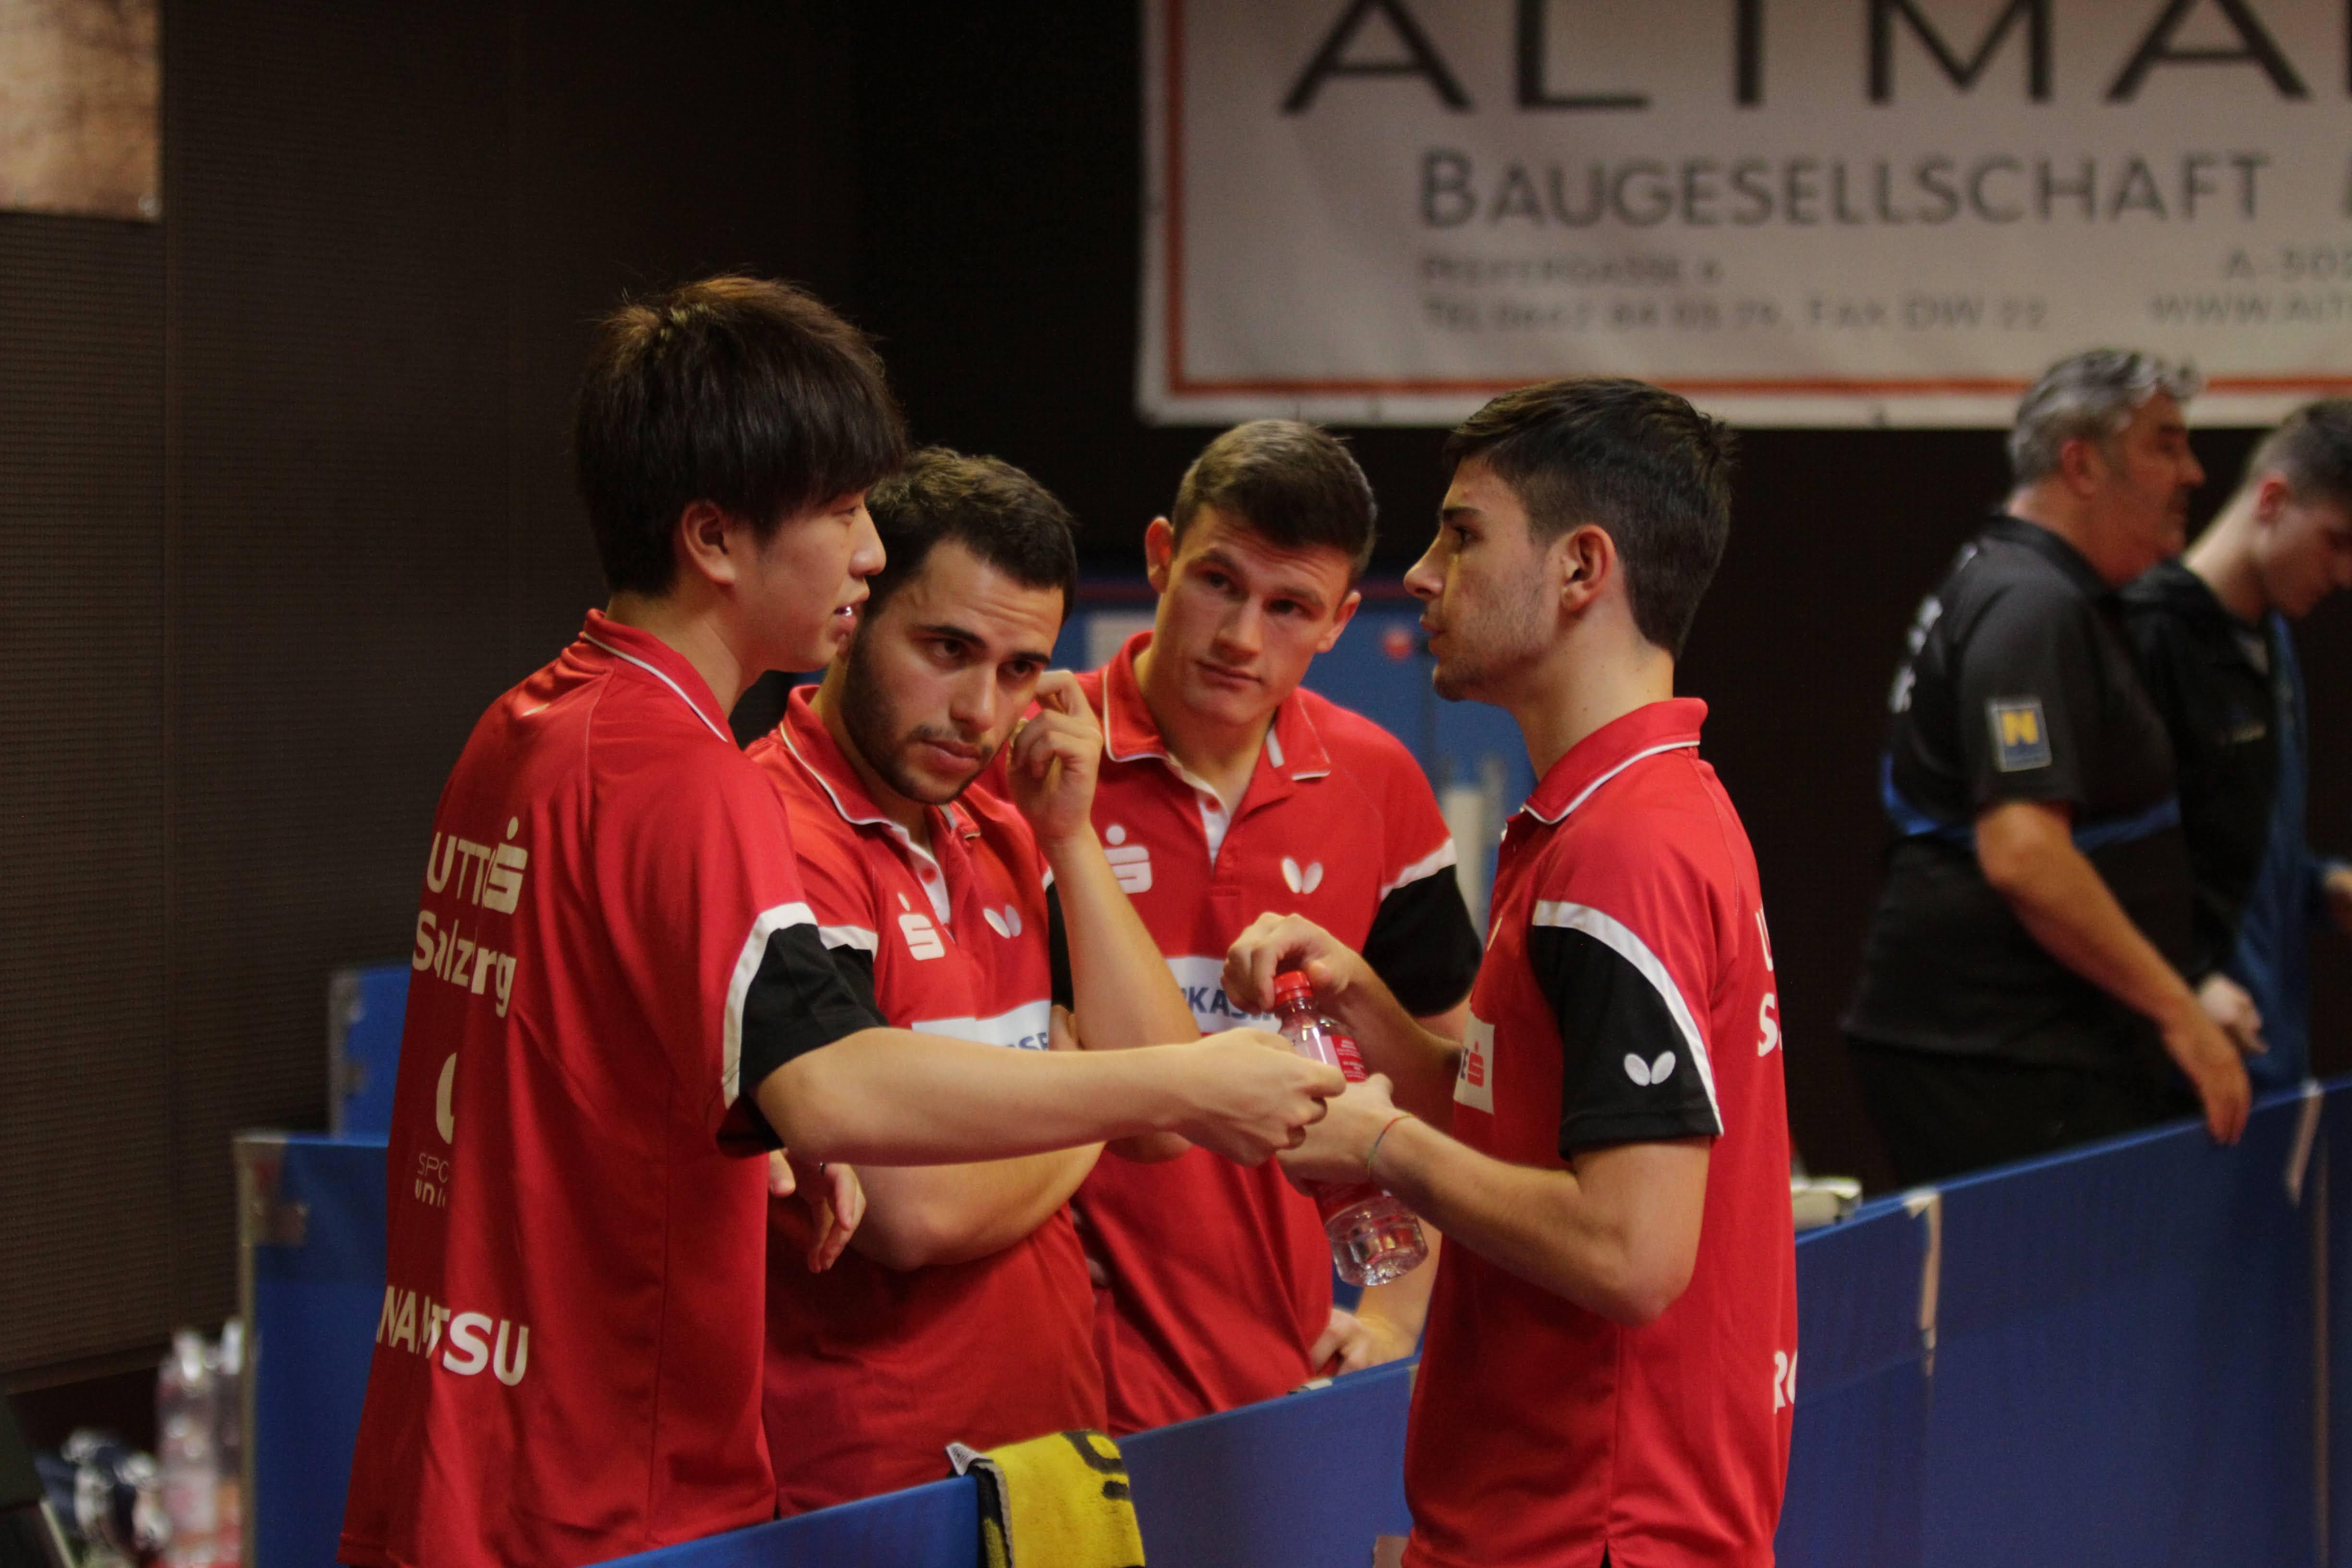 Das Team UTTC 2 beim Coachen